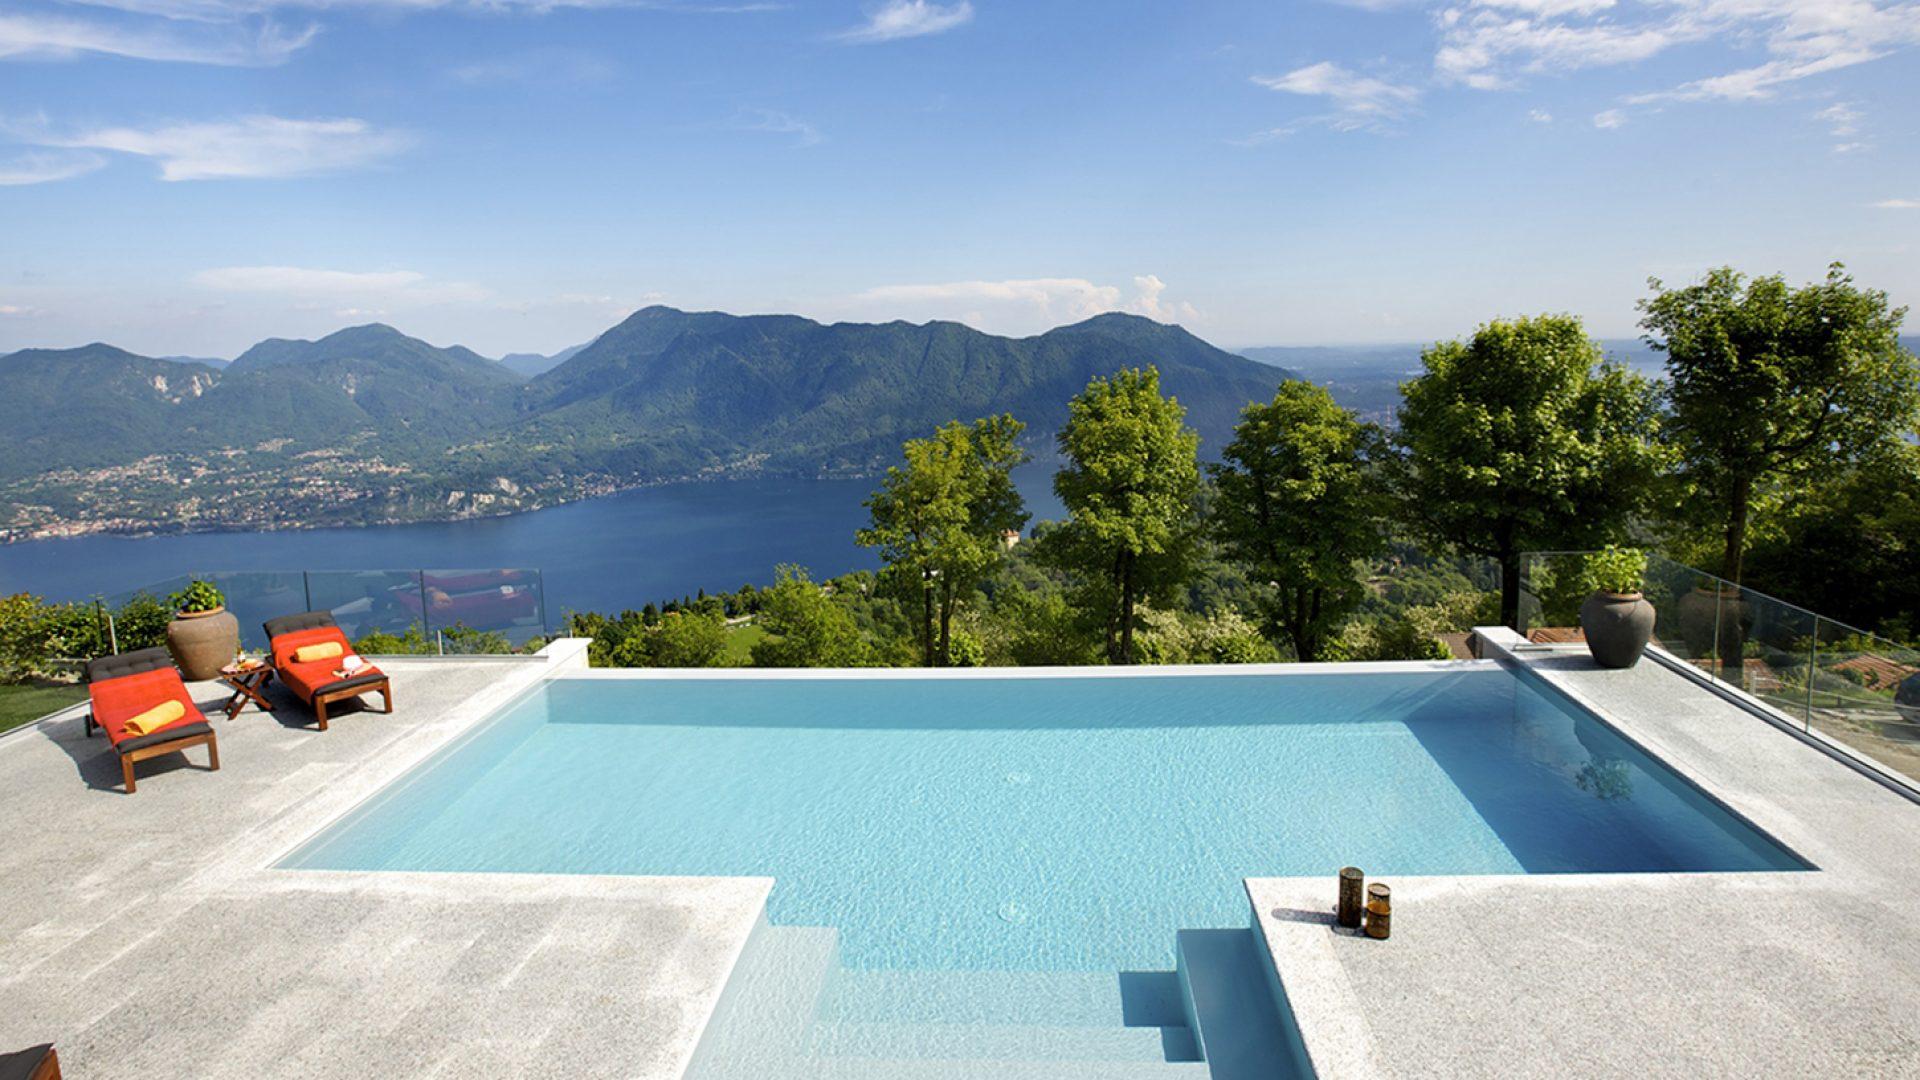 piscine verbano - villa confalonieri (2)